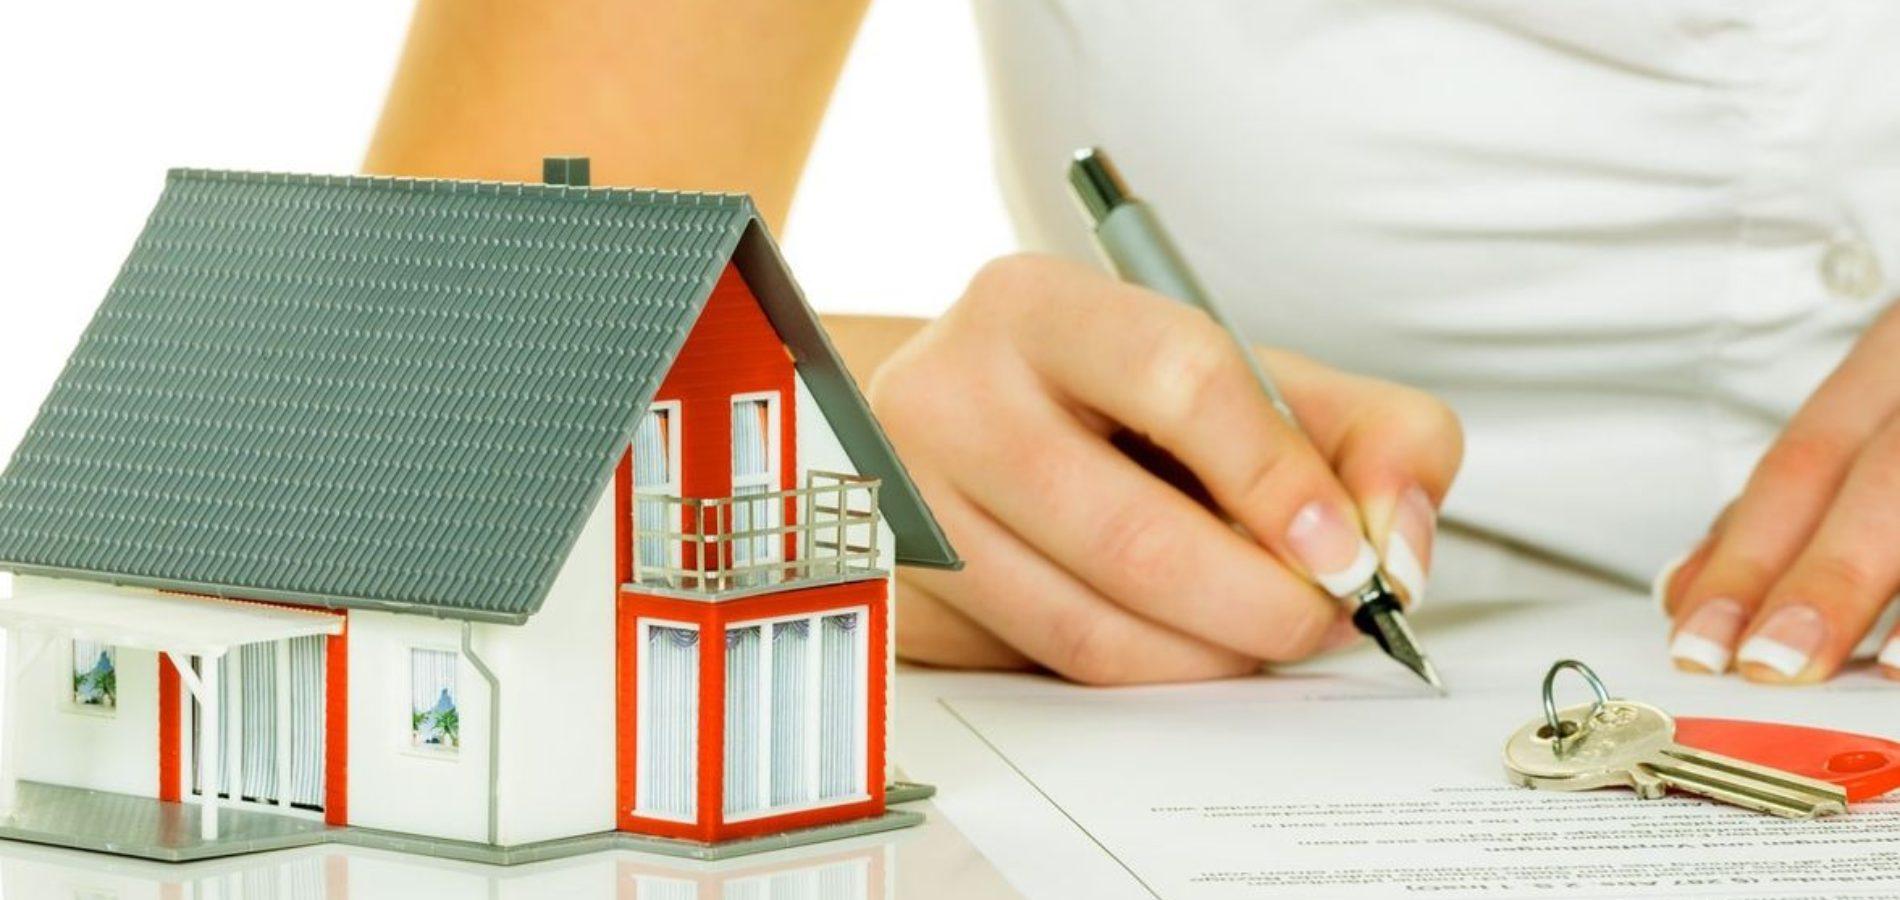 Титов предлагает выдавать ипотеку под 5% для нуждающихся россиян